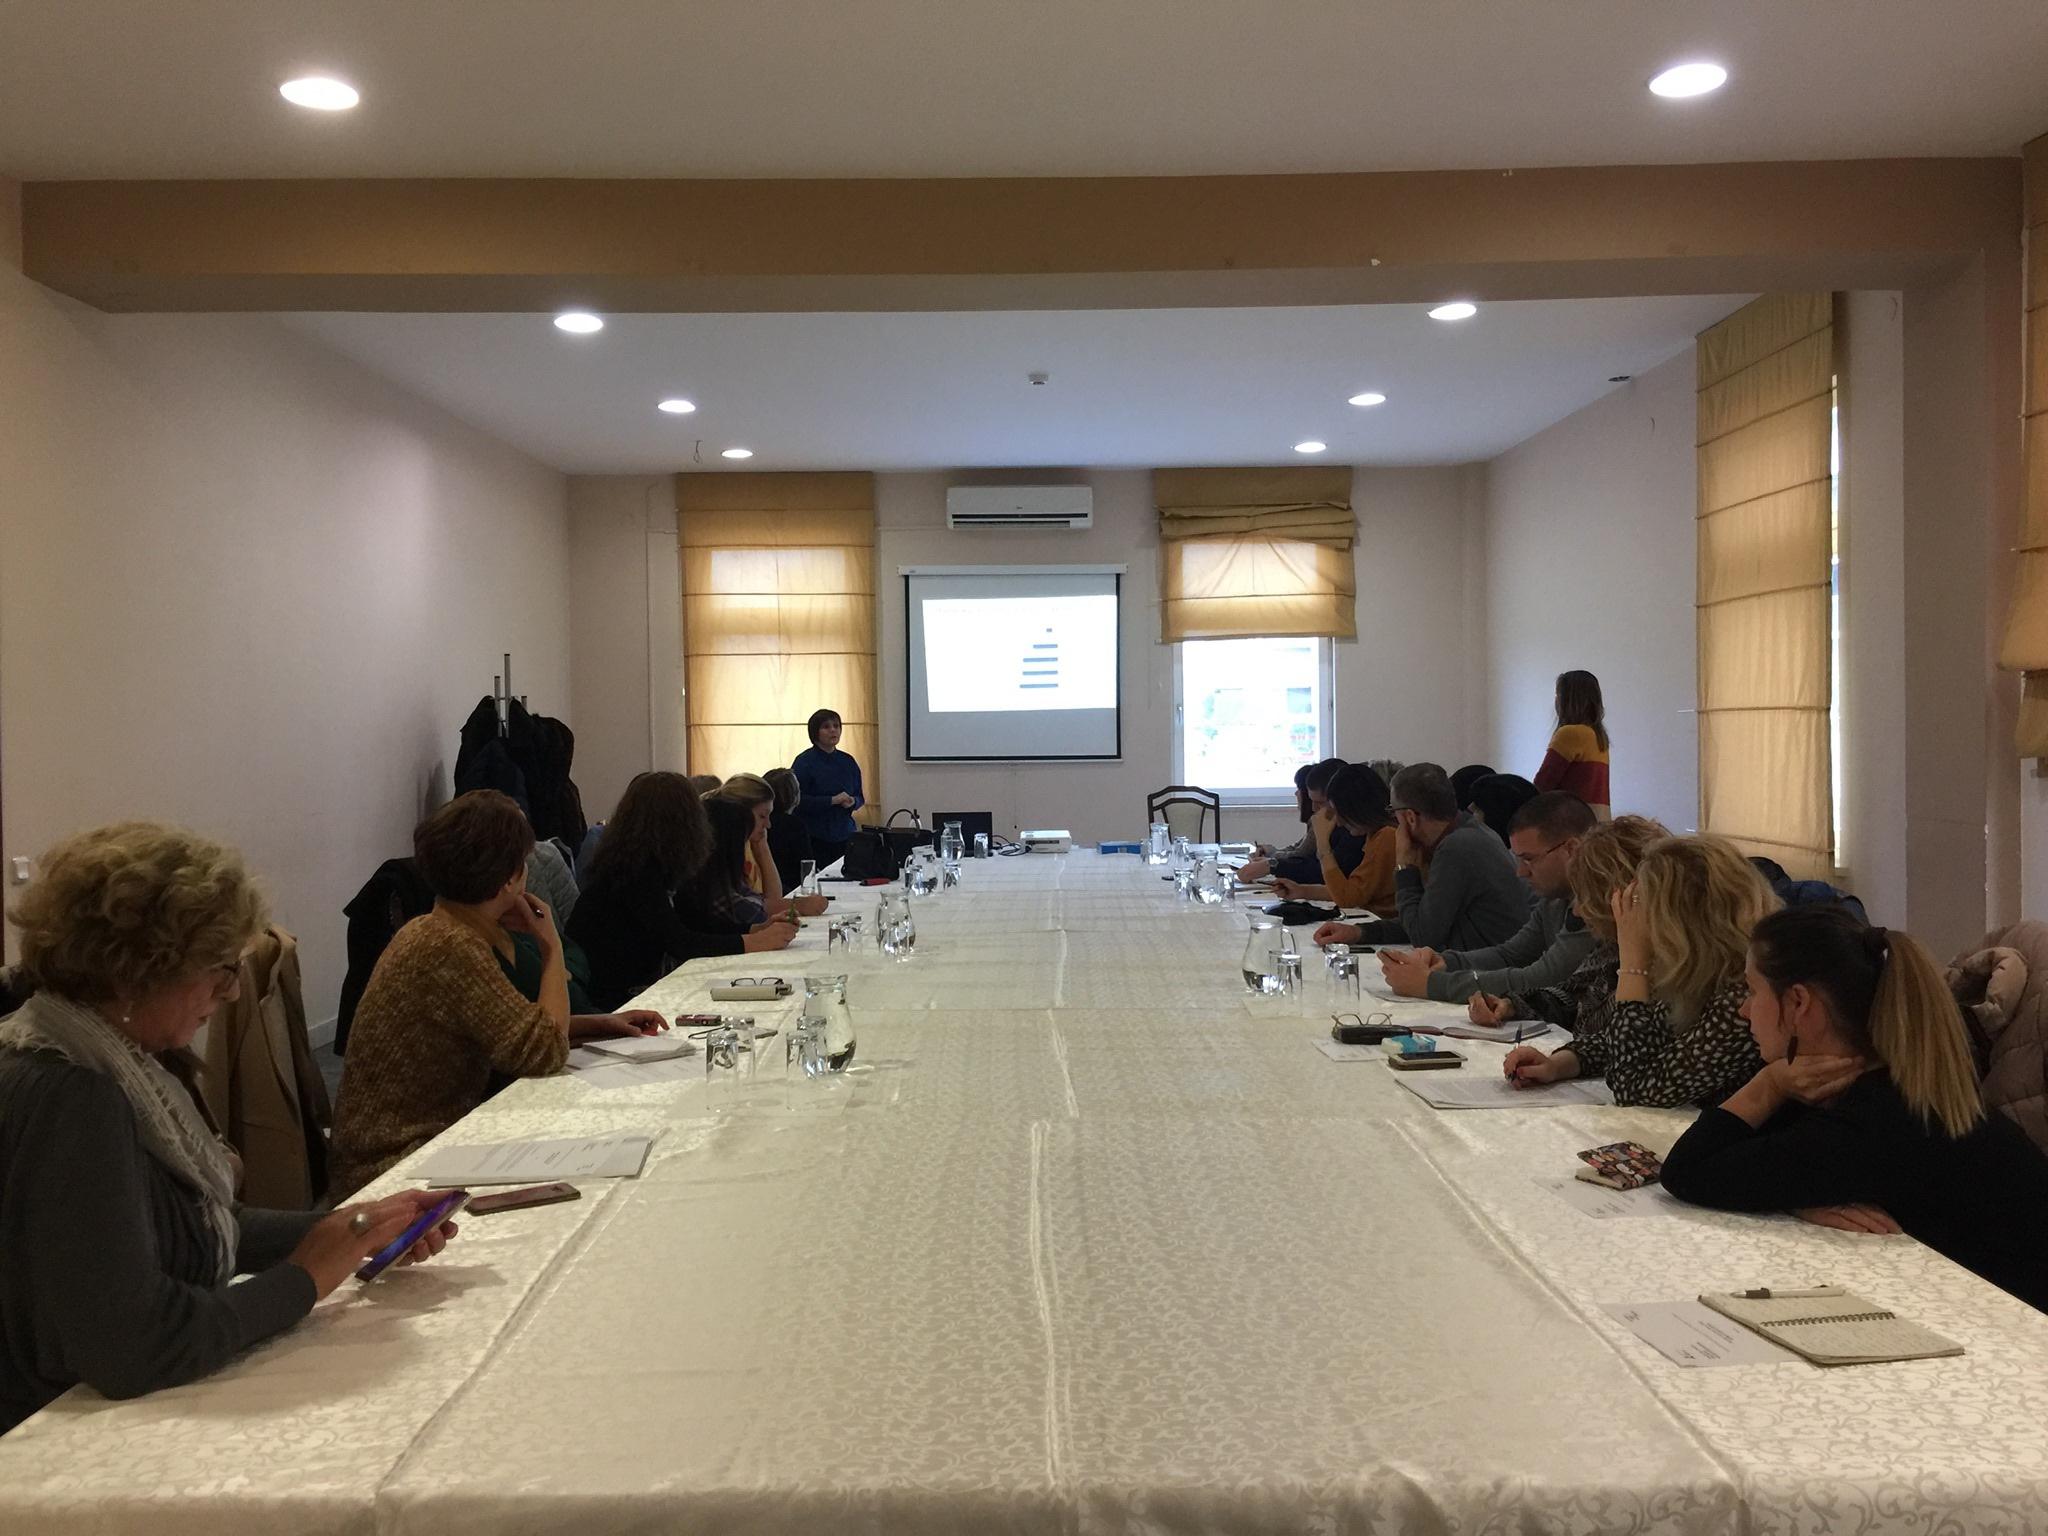 Udruzenje zena Pescanik - Dobrobit i bezbednost žena u Srbiji –  Zaštita od nasilja u porodici